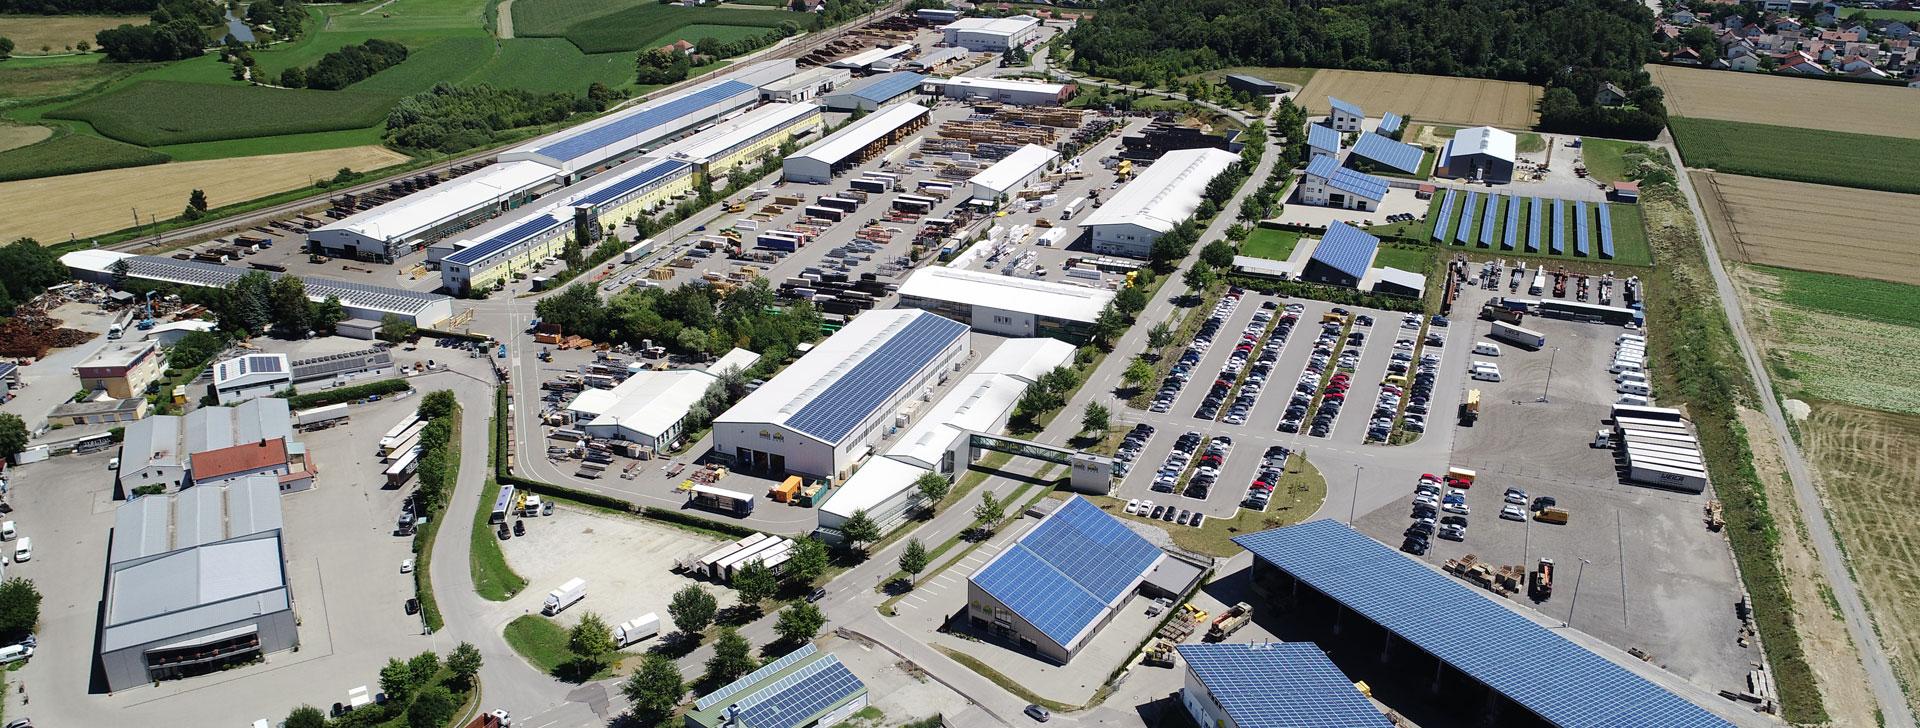 Luftaufnahme Firmengelände